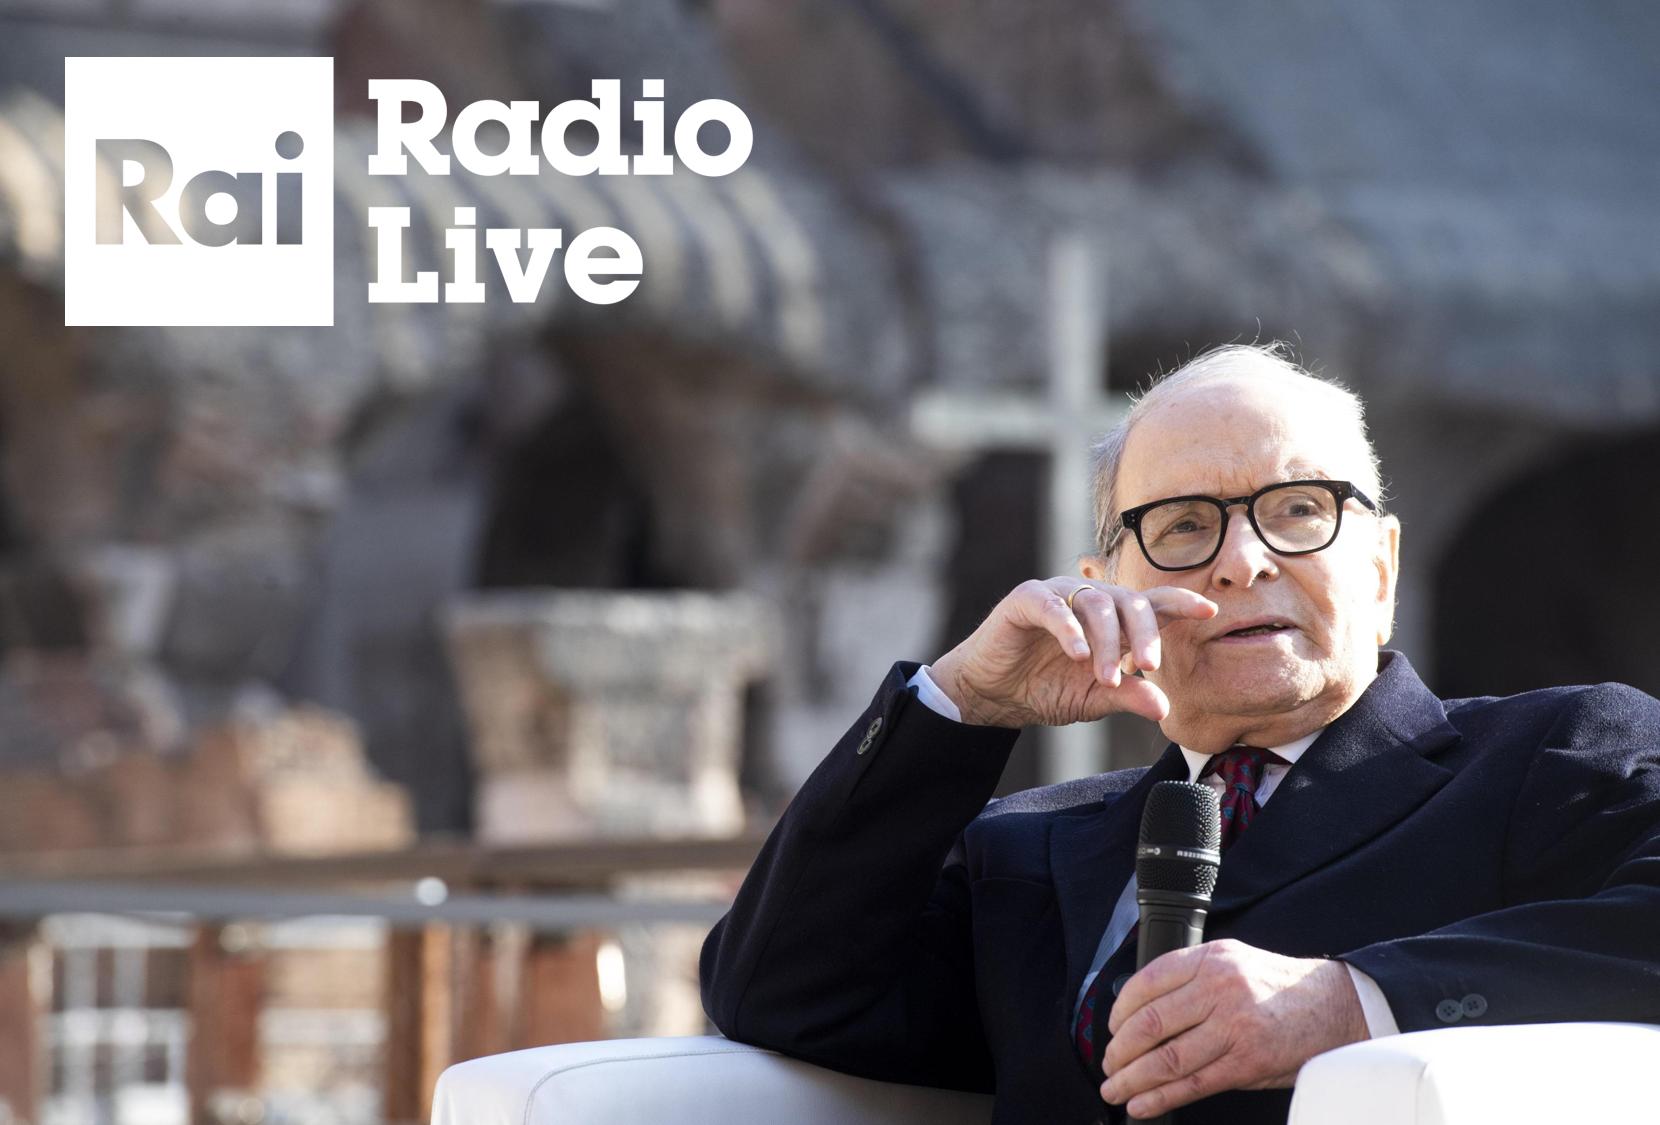 Morricone Radio Live - Radio. RAI Radio Live su iniziativa di Roberto Sergio dedica la giornata al grande Maestro Ennio Morricone